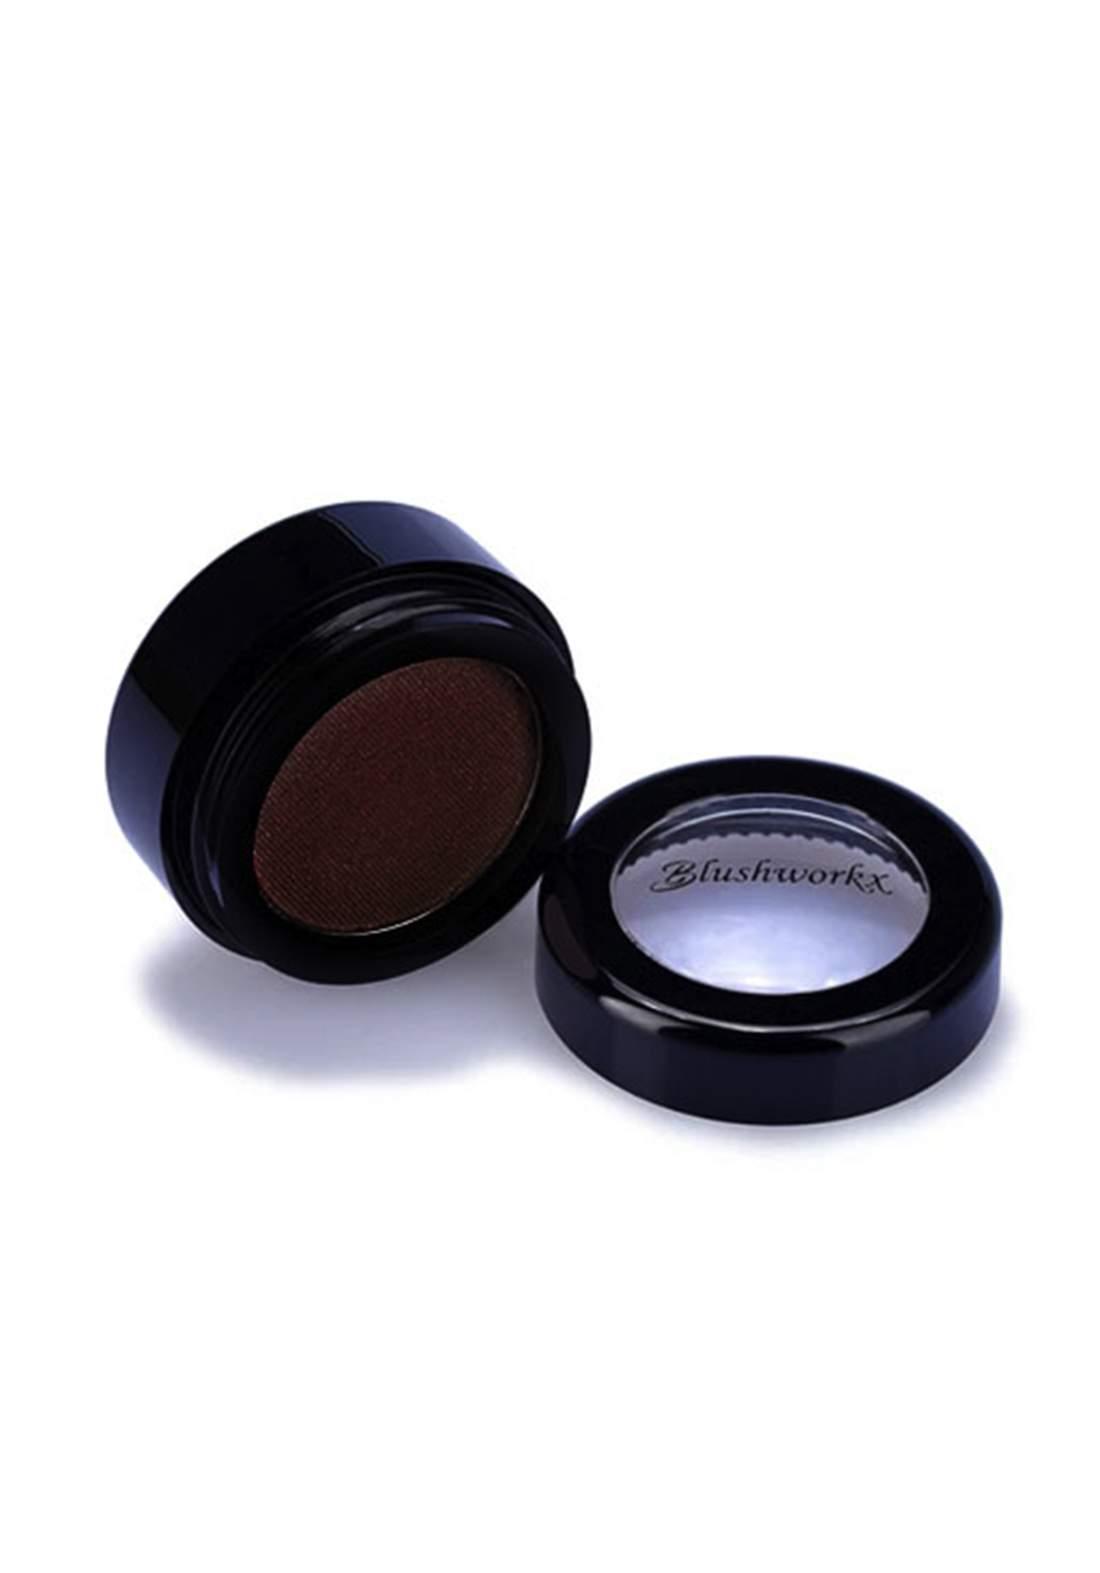 Blushworkx Hollywood Mineral Eye Color No.B6 Copper Glaze 1.8g ظلال للعيون